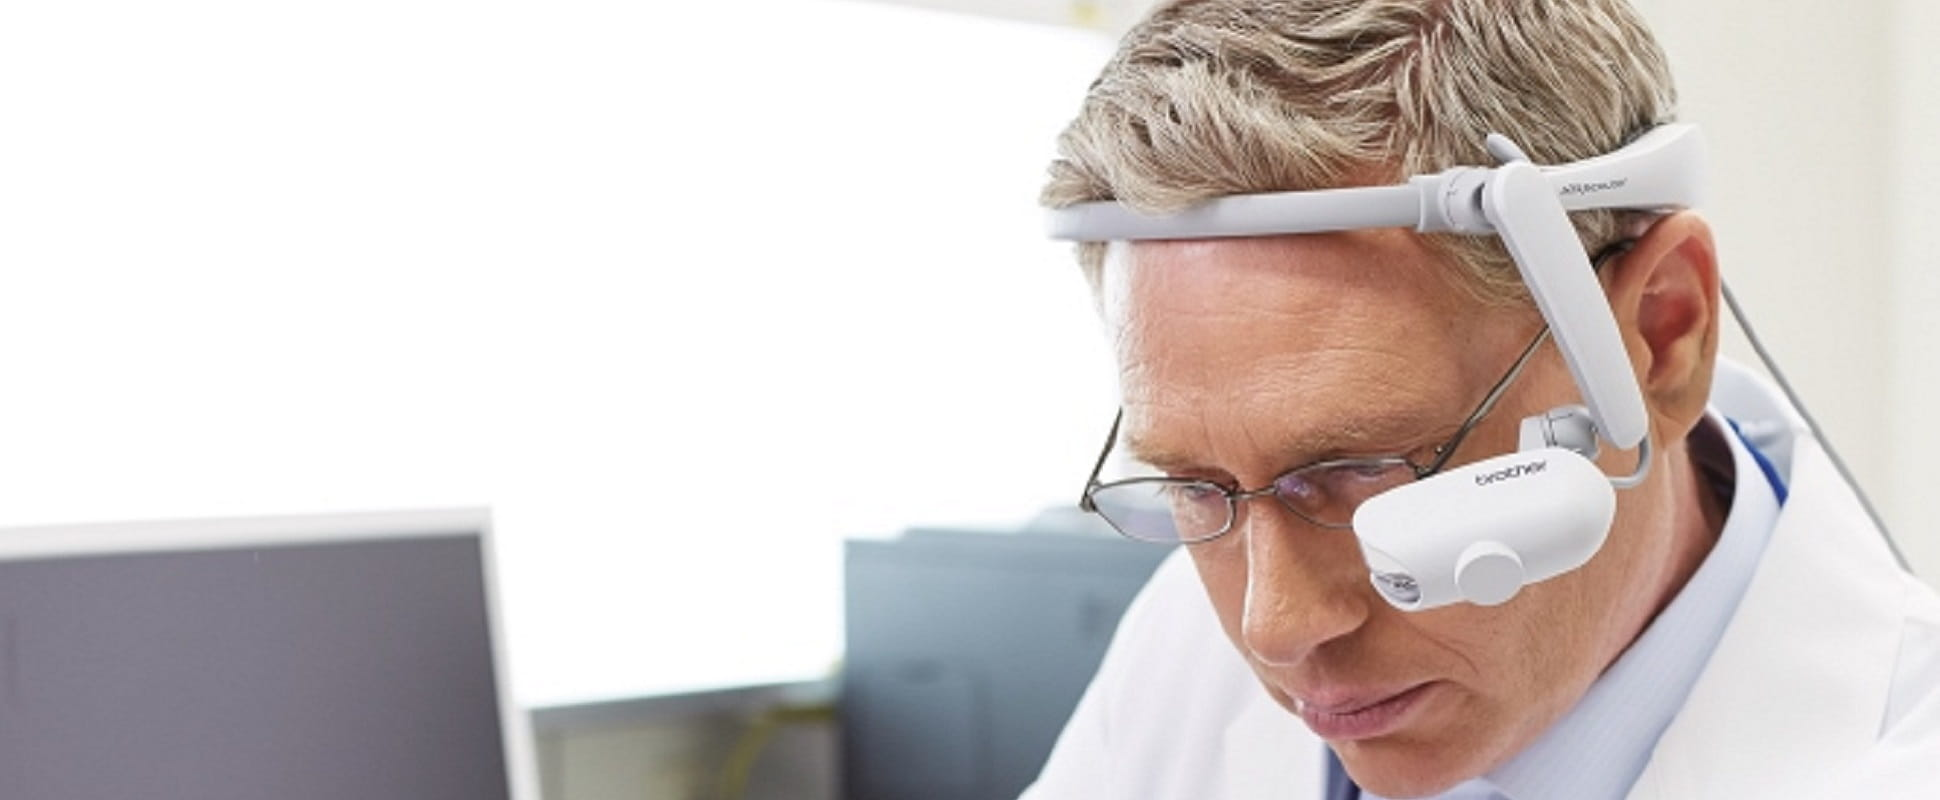 Medico con visore per la realtà aumentata Brother AiRScouter WD-200B